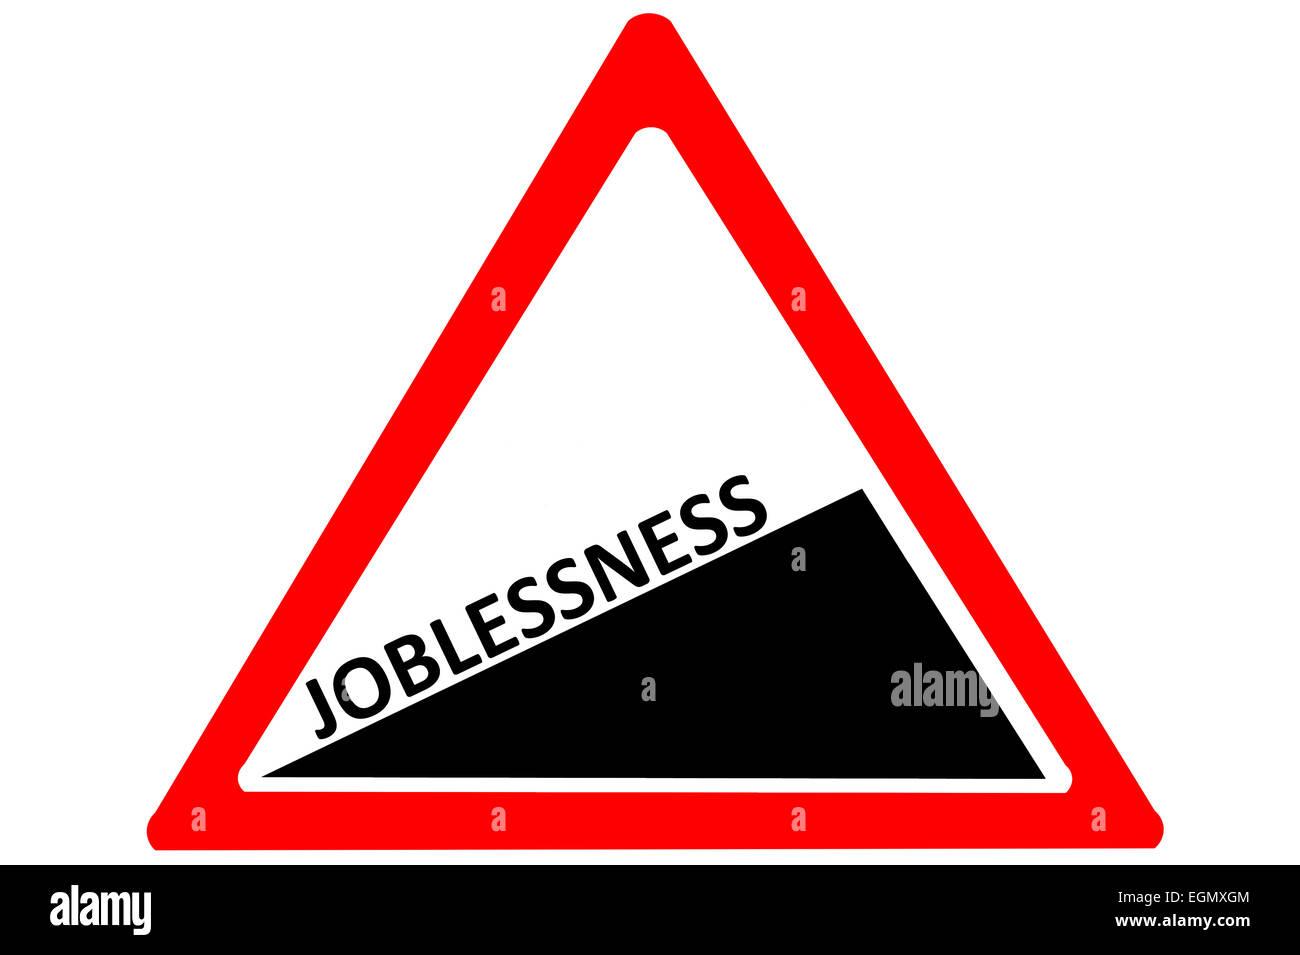 Disoccupazione crescente attenzione cartello stradale isolato su sfondo bianco Immagini Stock